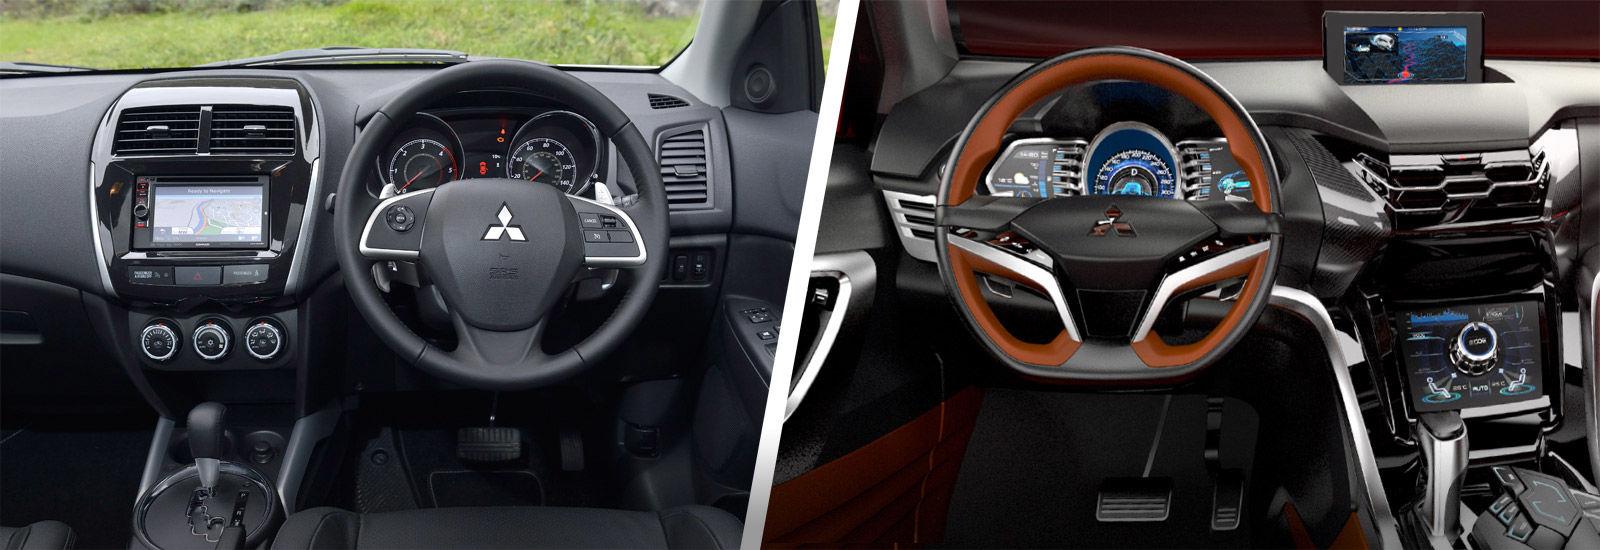 Mitsubishi asx interior 2016